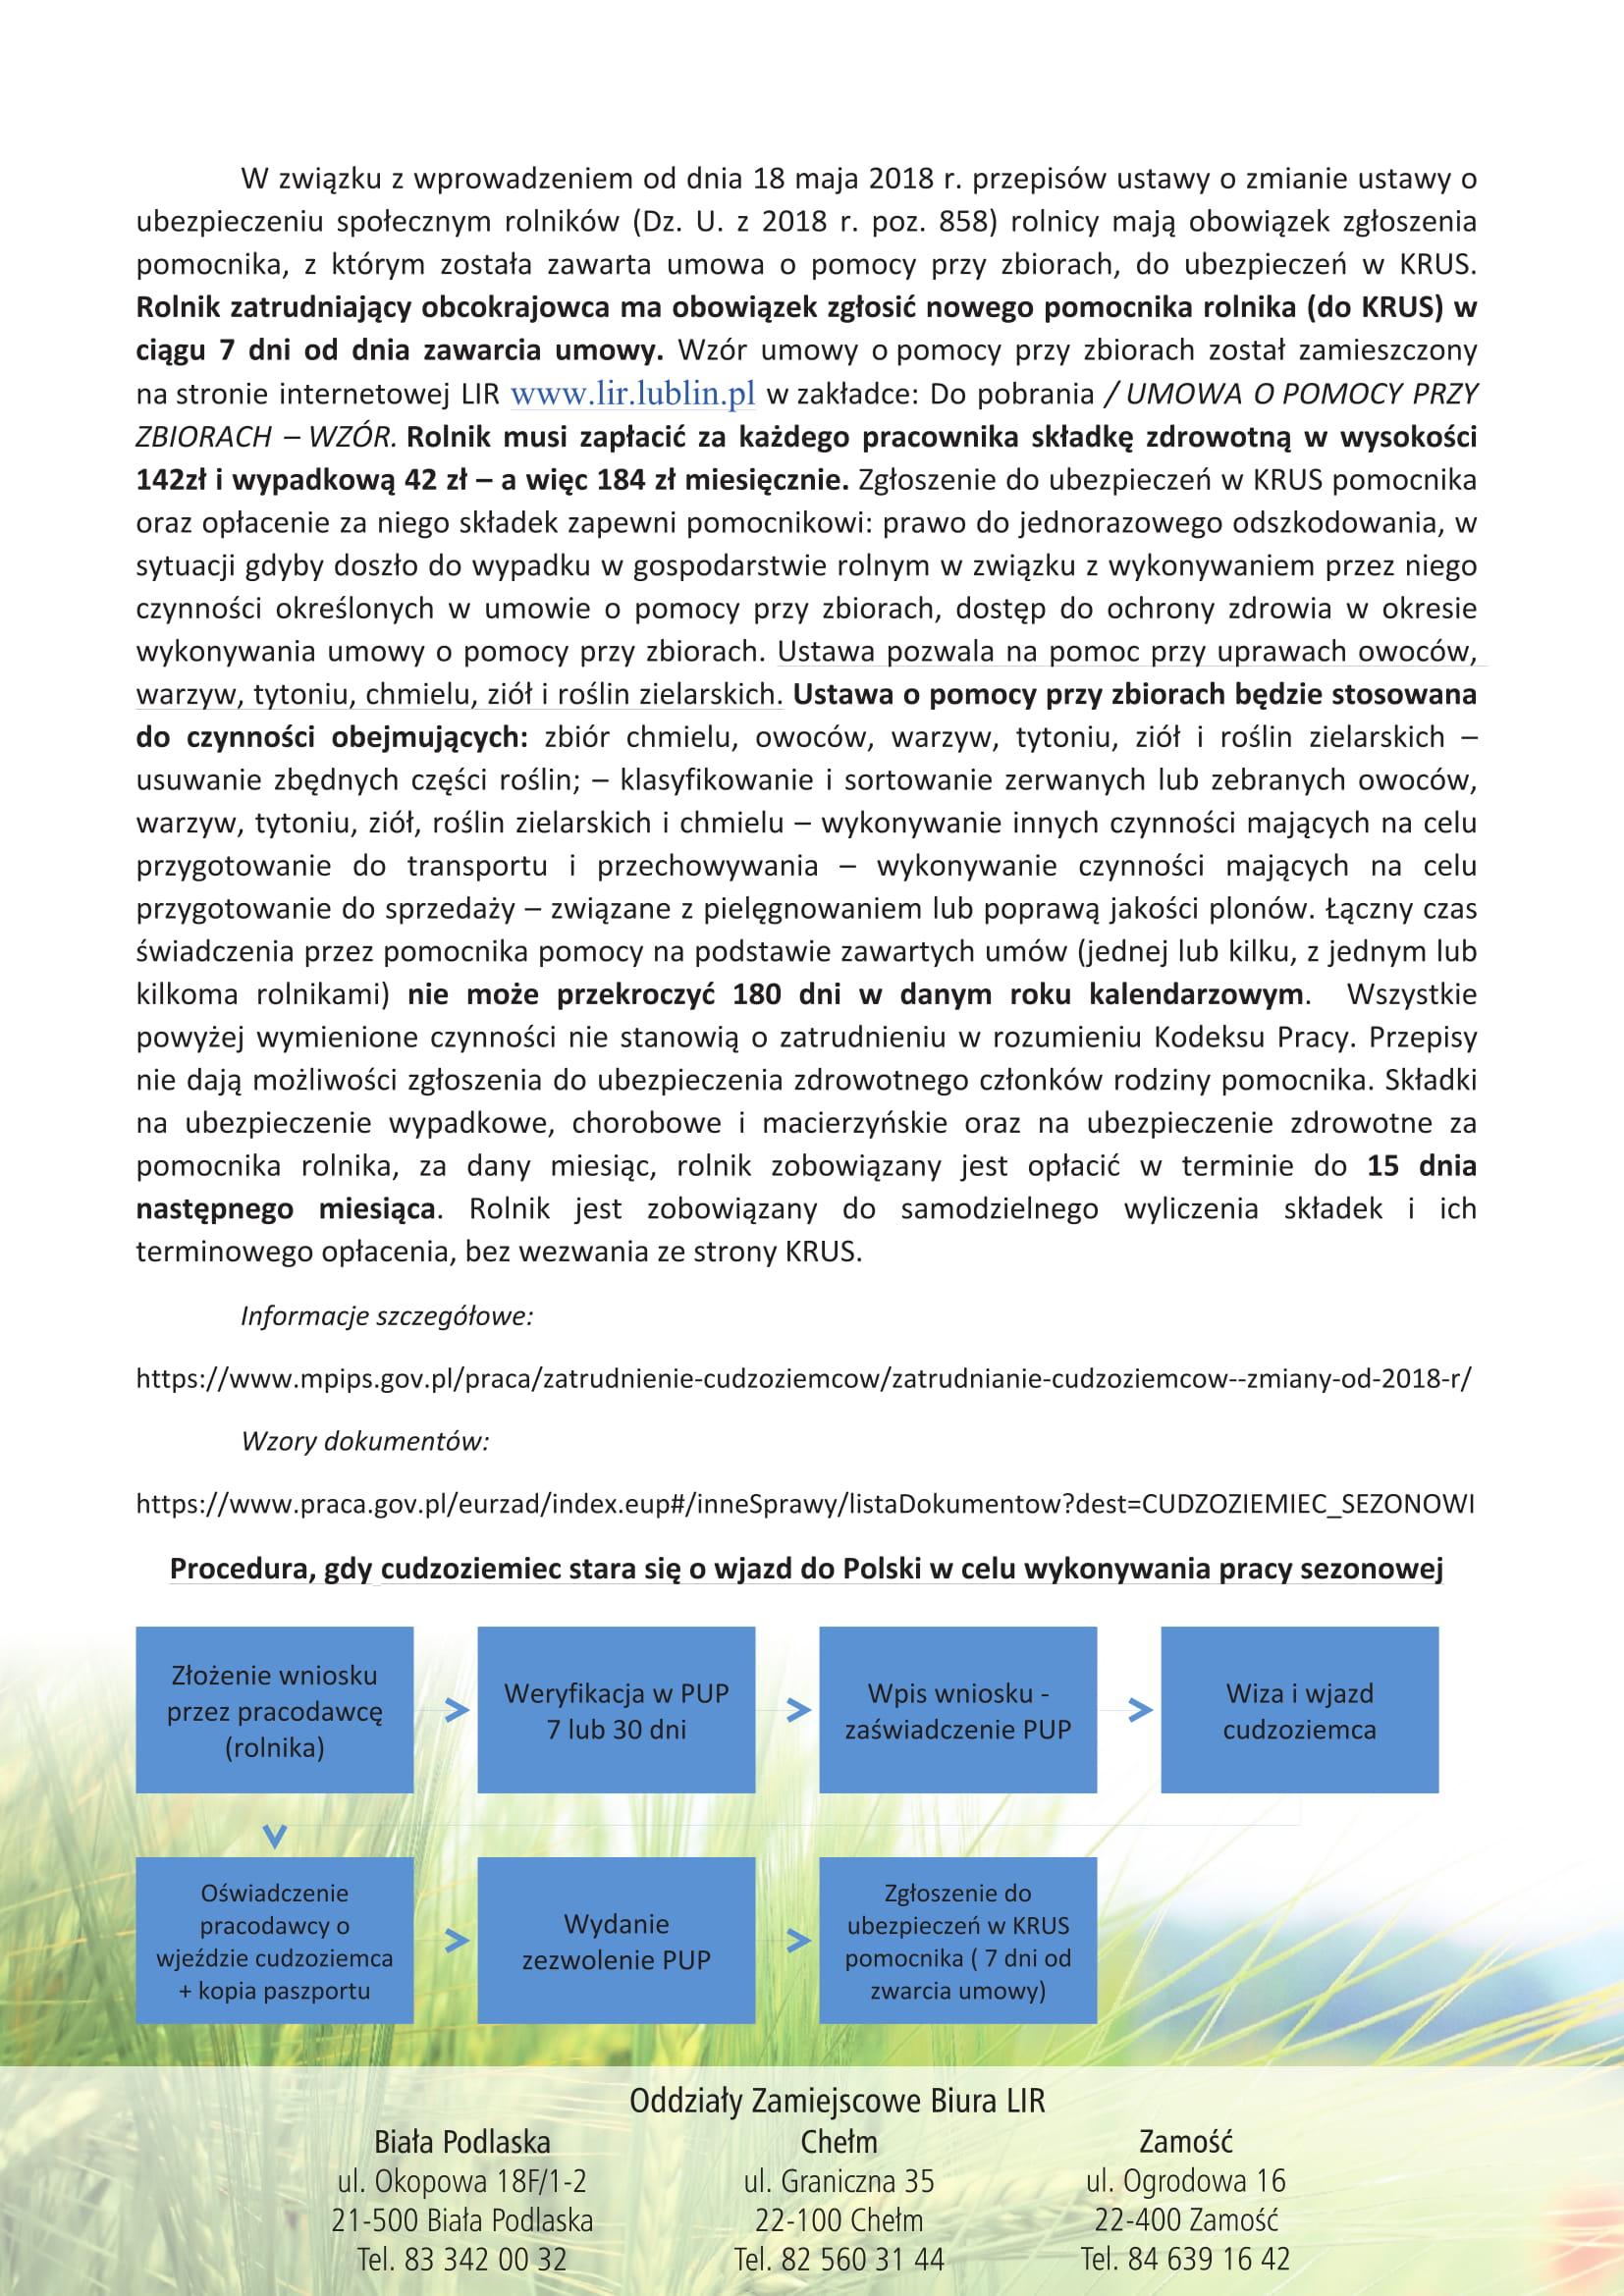 LIR ulotka A4 zatrudnienie w gospodarstwie rolnym 4 2